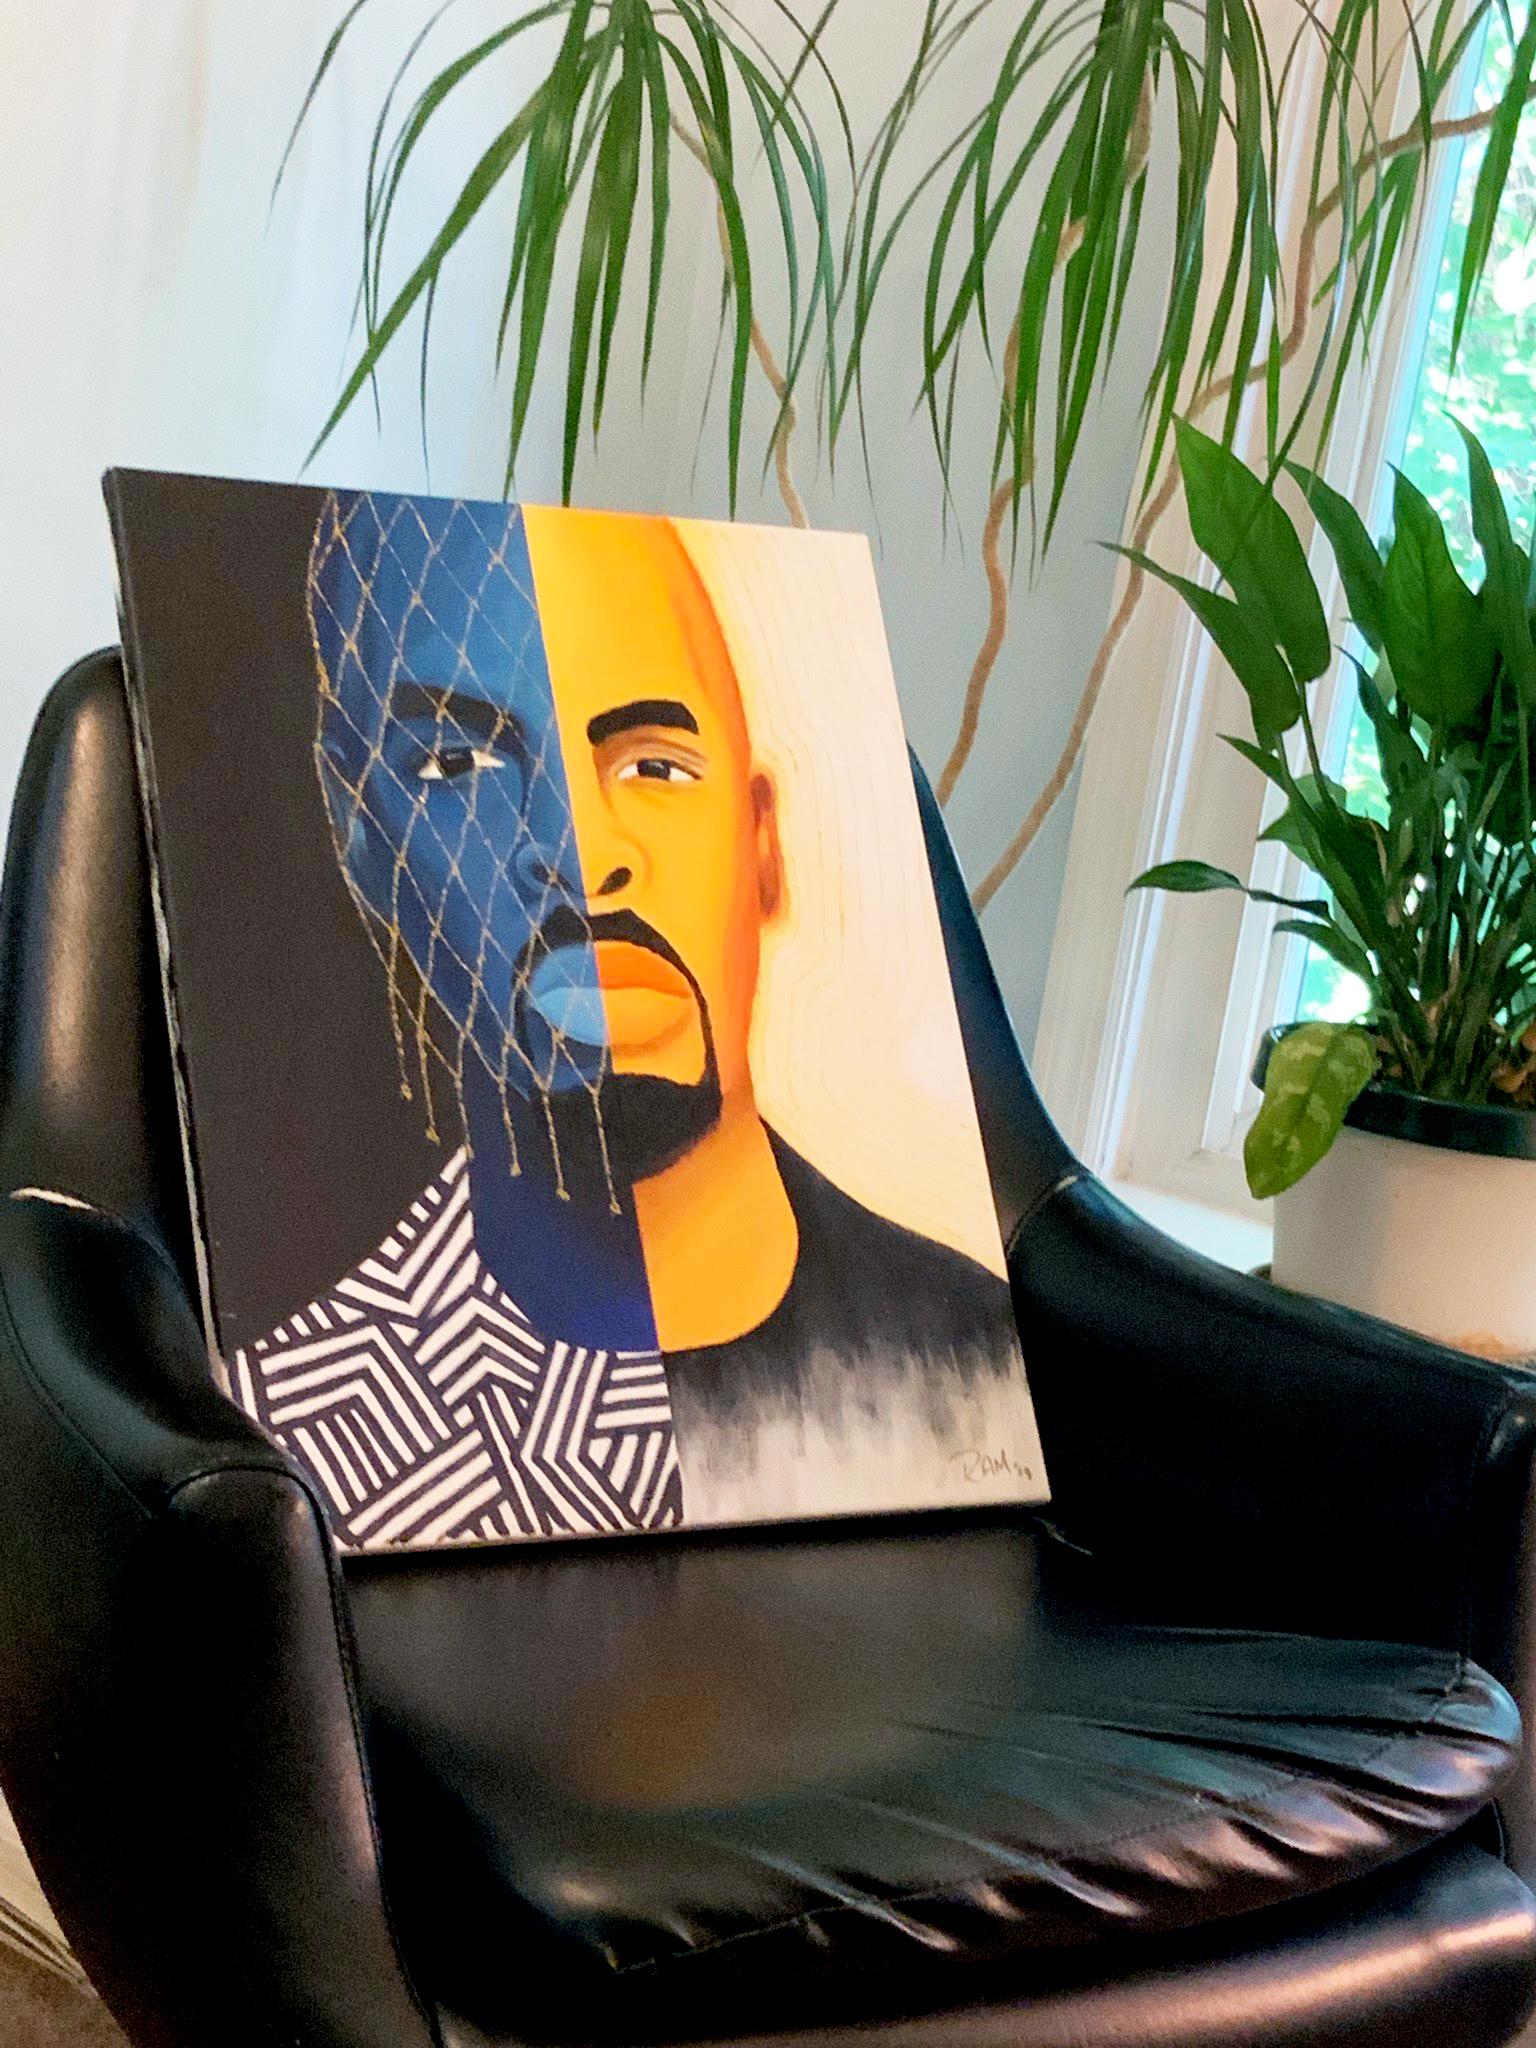 rashad-ali-muhammad-portrait-sitting-in-chair